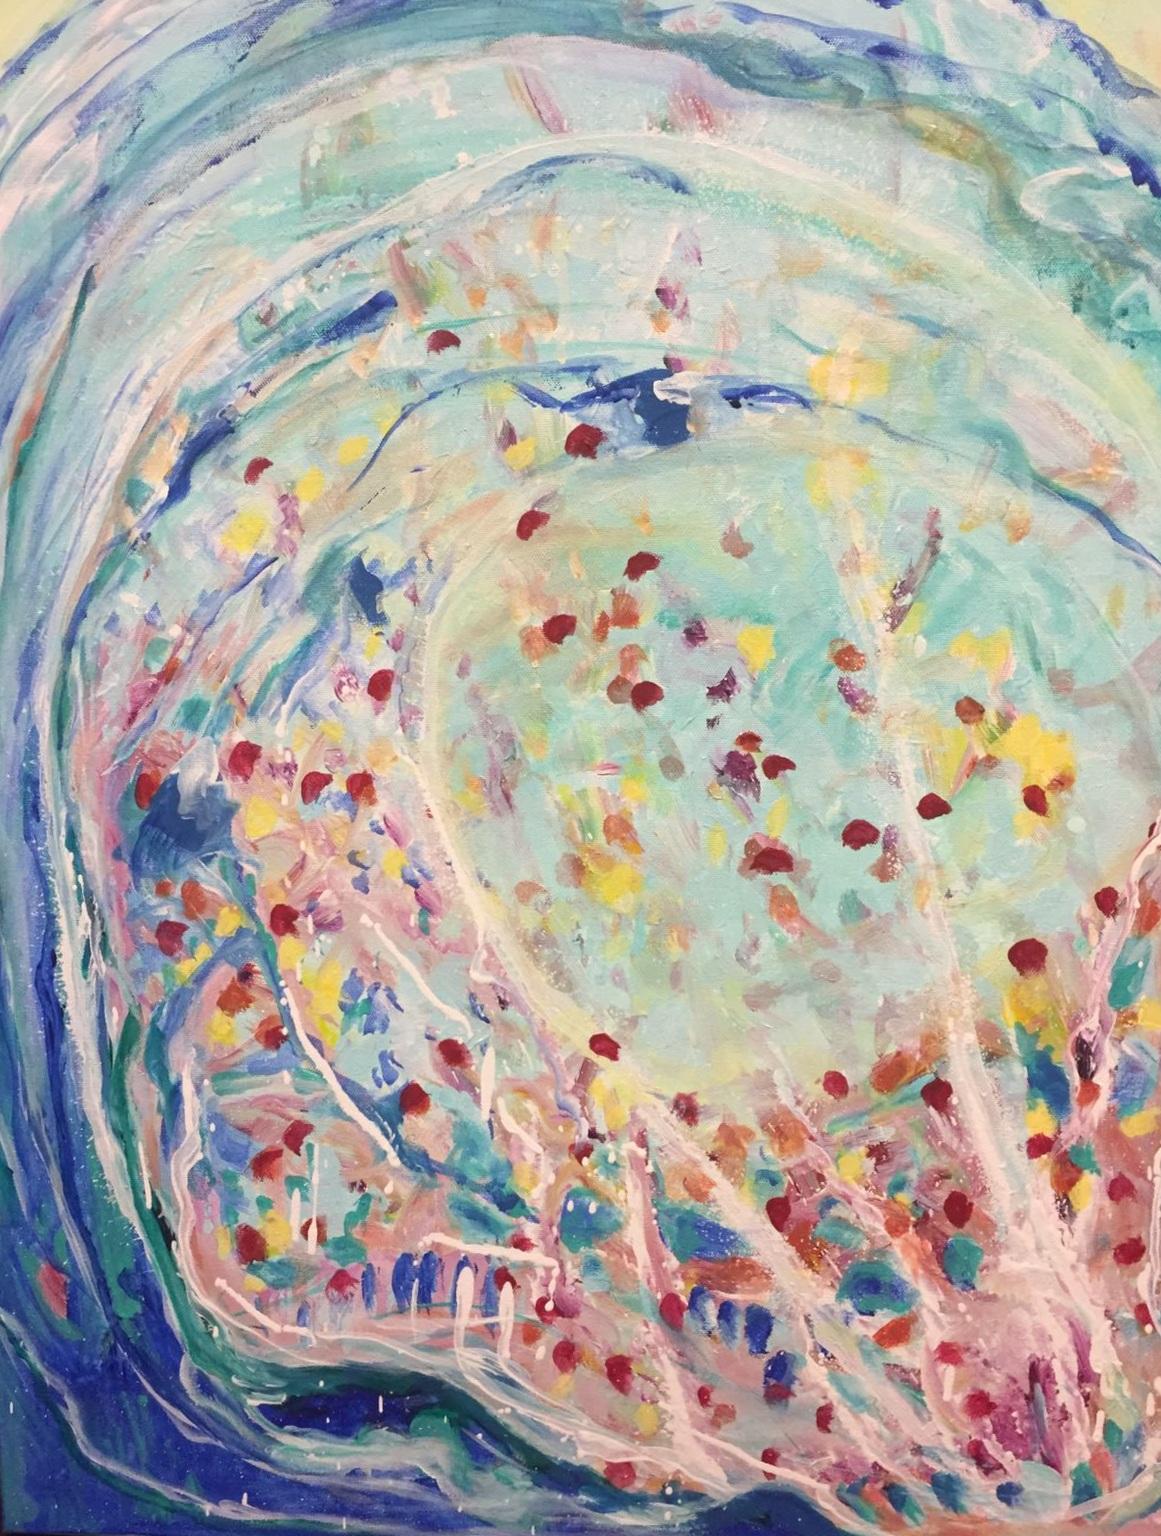 The Wave of Nations in the Tree of Life / La vague des nations dans L'Arbre de Vie